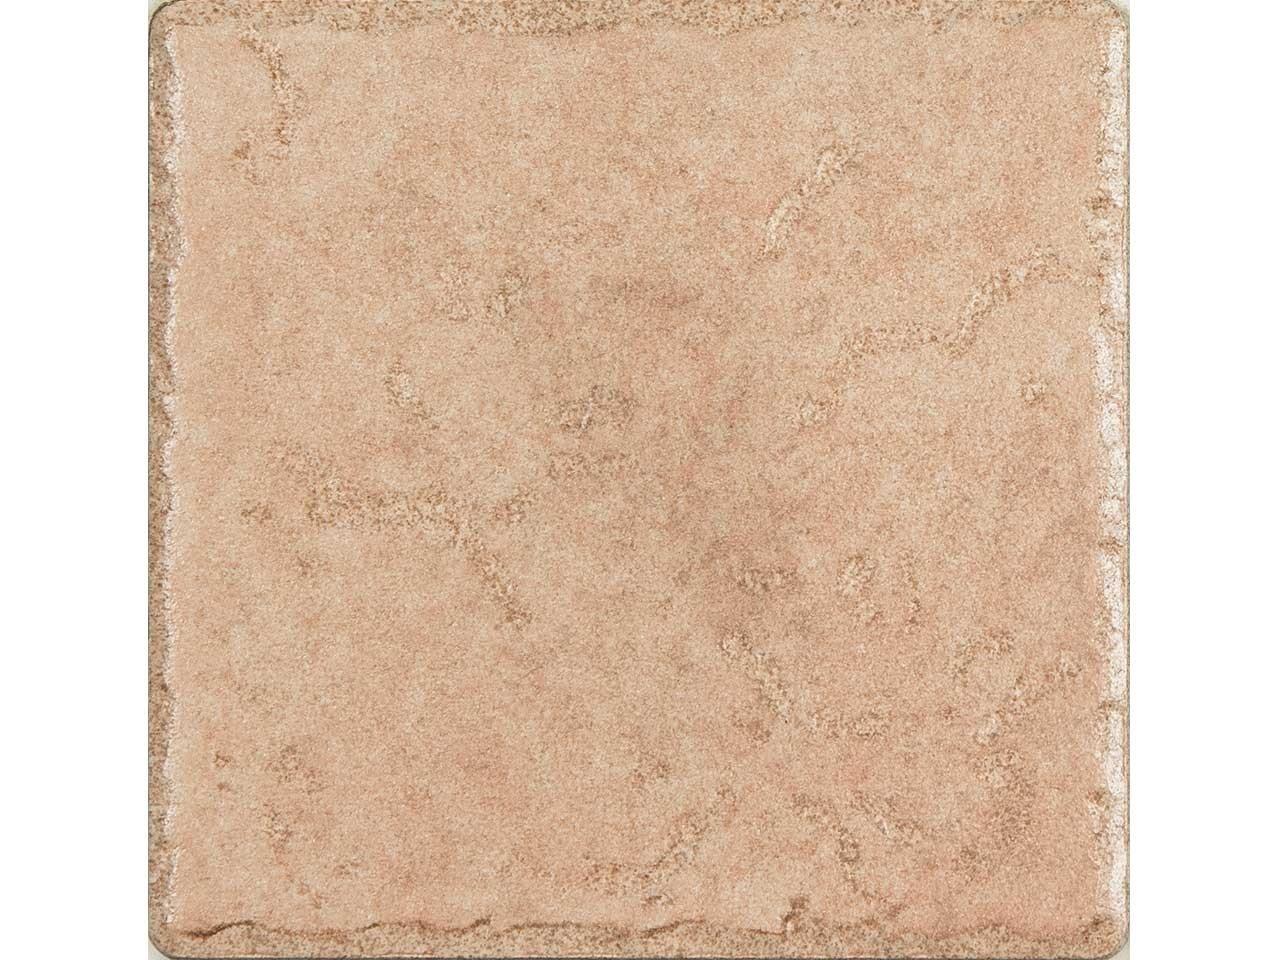 Piastrelle pavimento esterno gres 1a scelta 15 x 15 giada bianco giada rosa ebay - Piastrelle seconda scelta ...